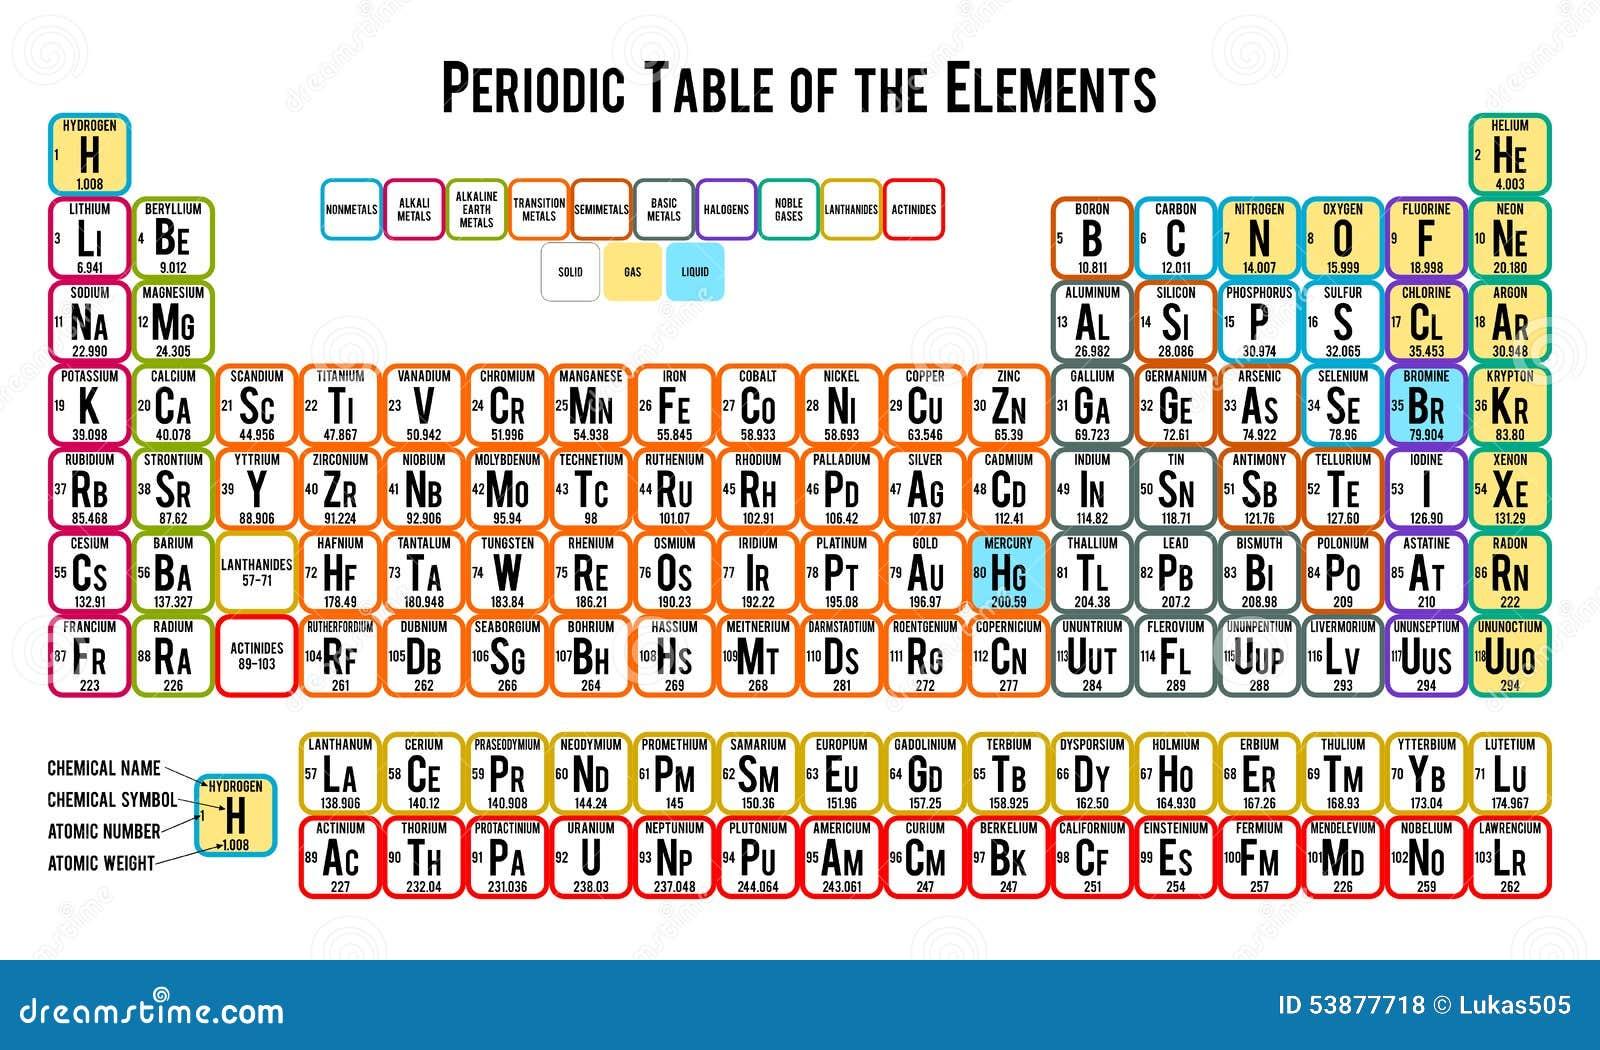 Tabla periodica blanca imagui tabla peri dica en blanco blog de juan tabla peri dica de los elementos blanca ilustraci n del urtaz Image collections